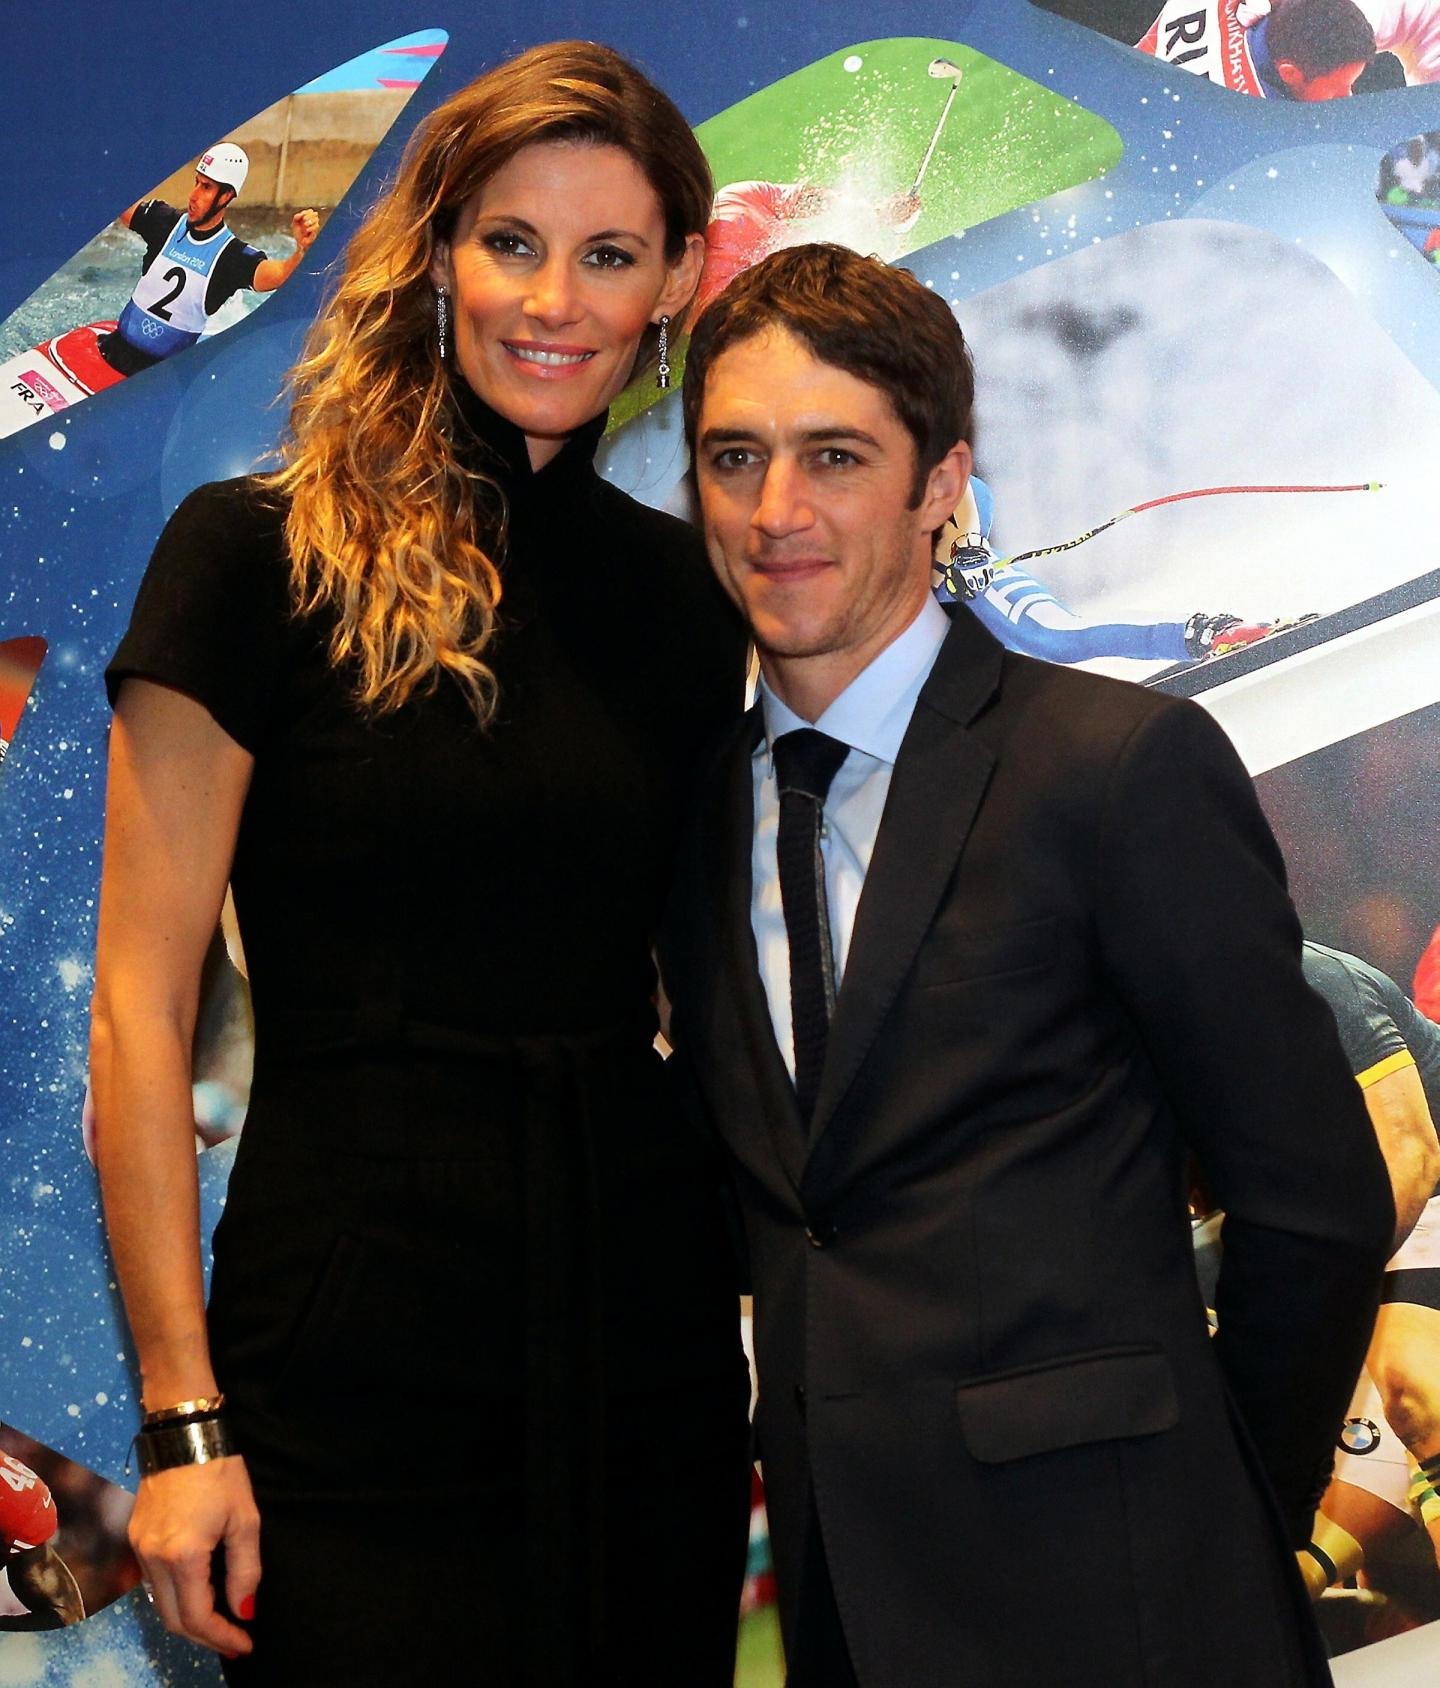 L'ex Miss France Sophie Thalmann accompagnait son mari, le jockey Christophe Soumillon, membre du jury.